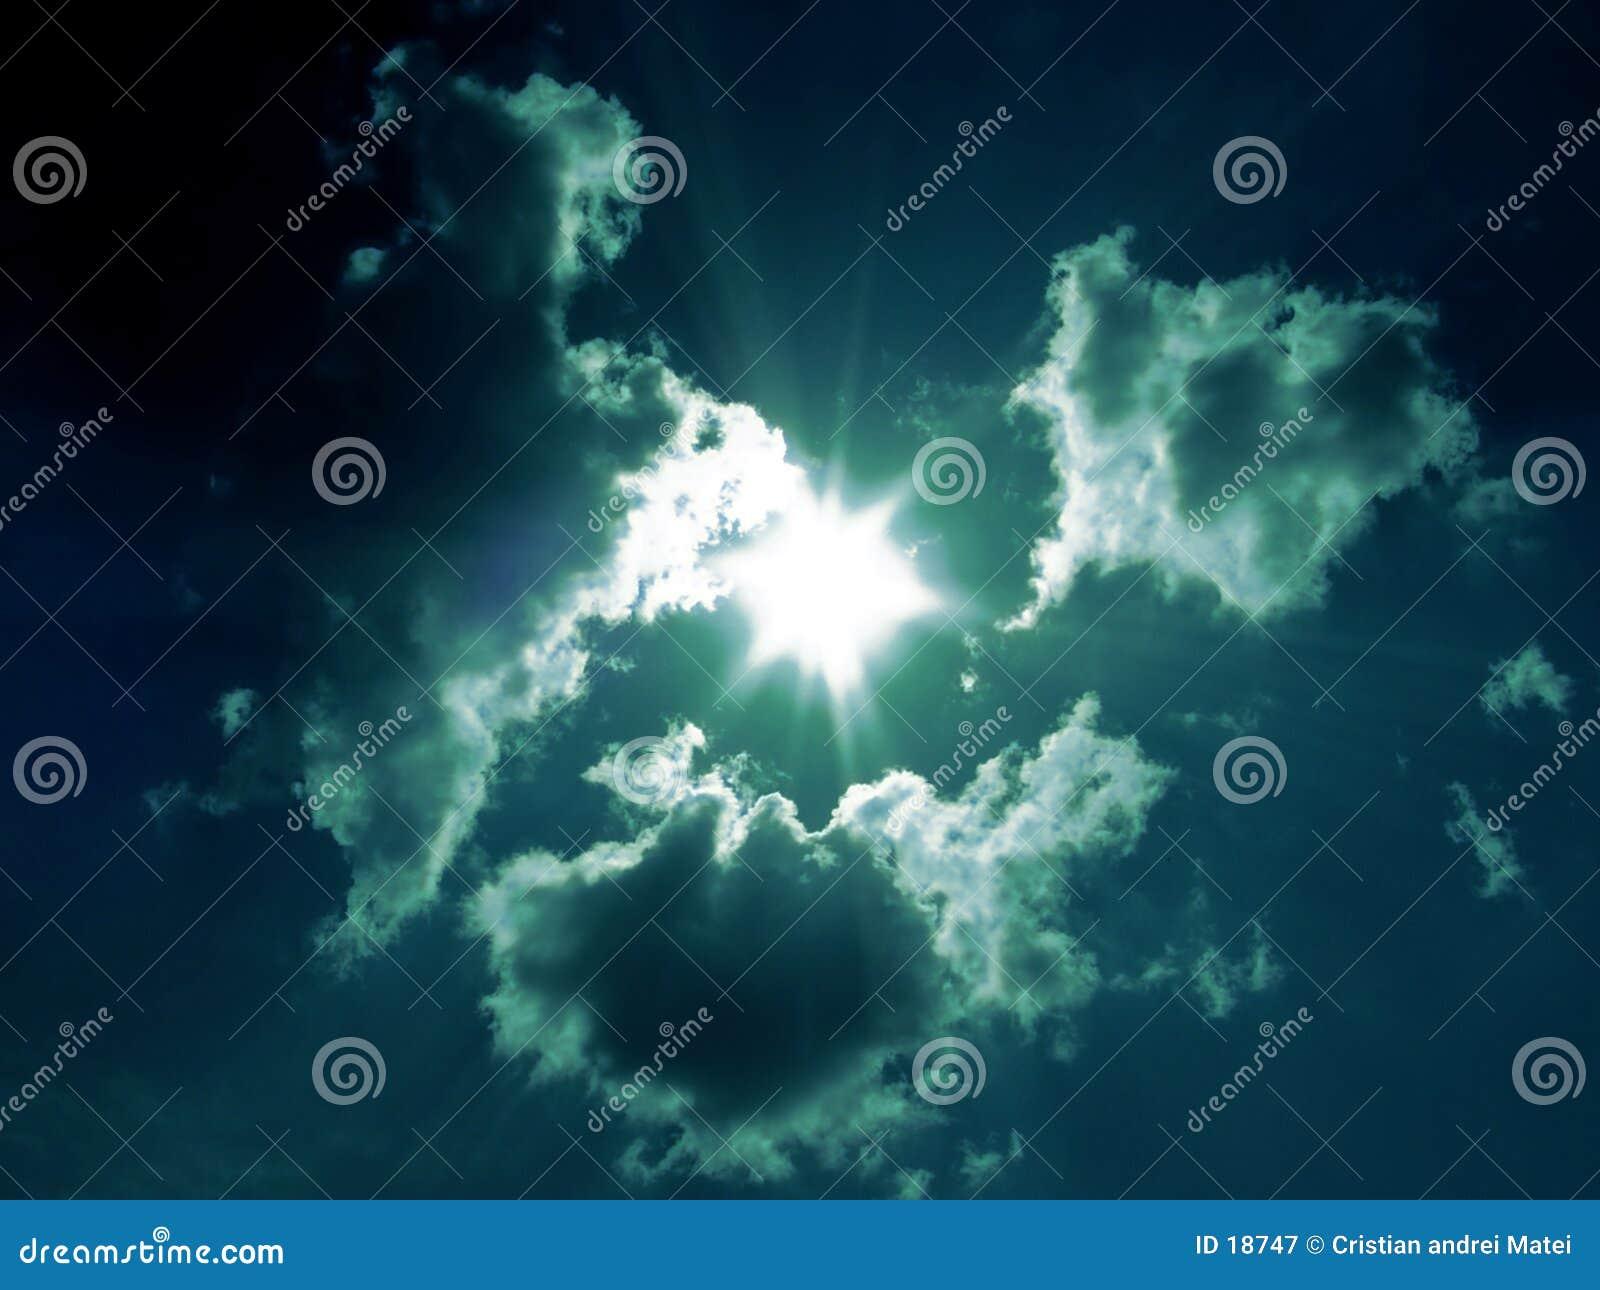 Danse de nuages